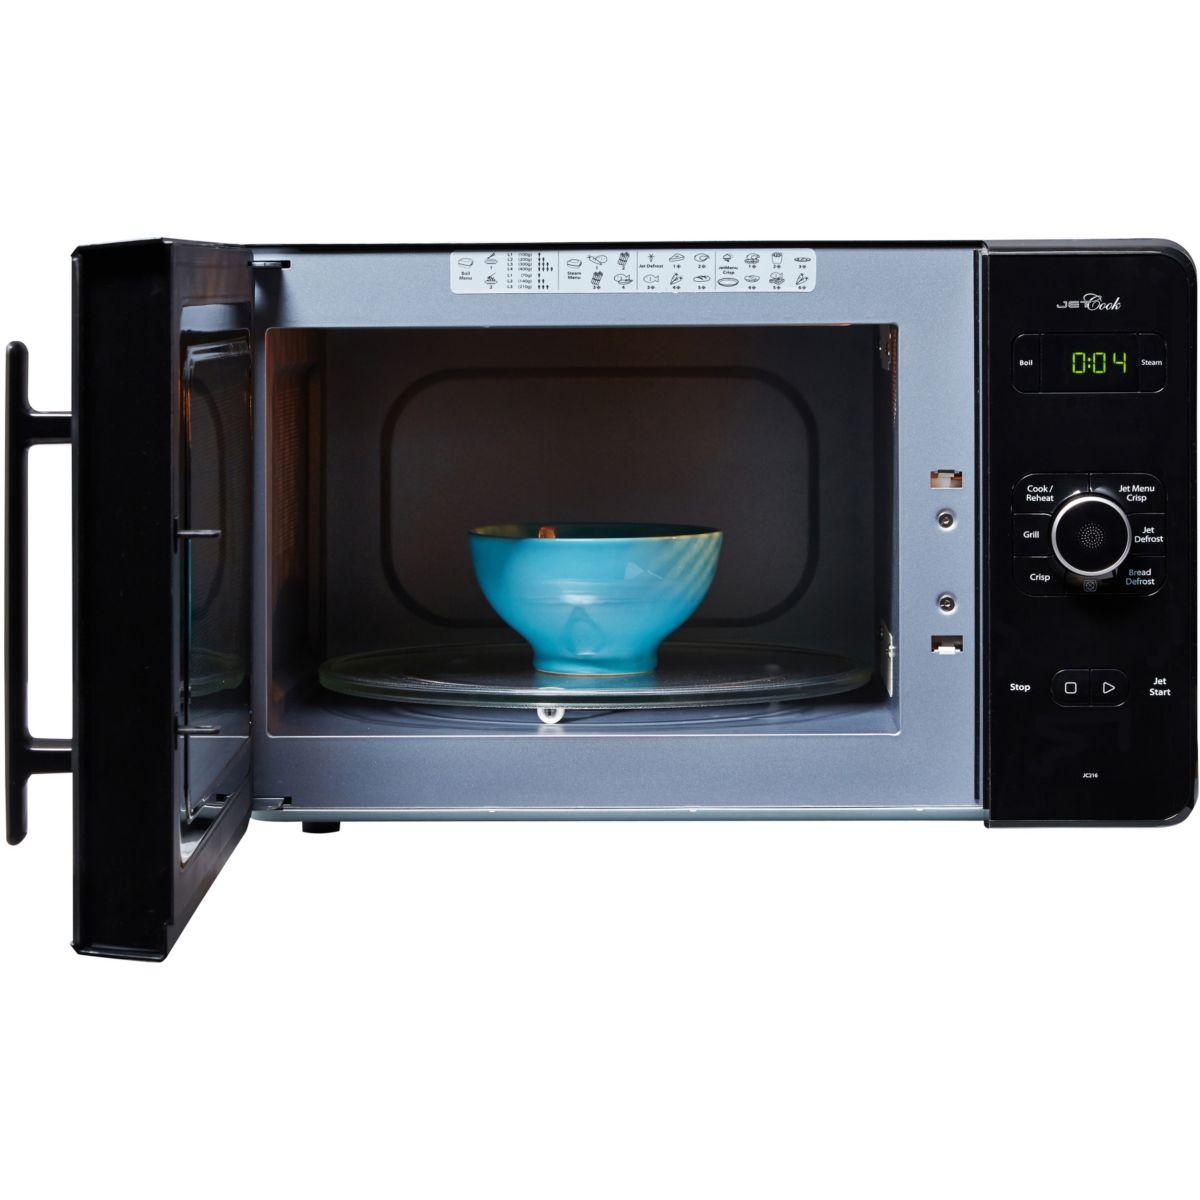 Micro-onde grill whirlpool jc216nb - 2% de remise imm?diate avec le code : noel2